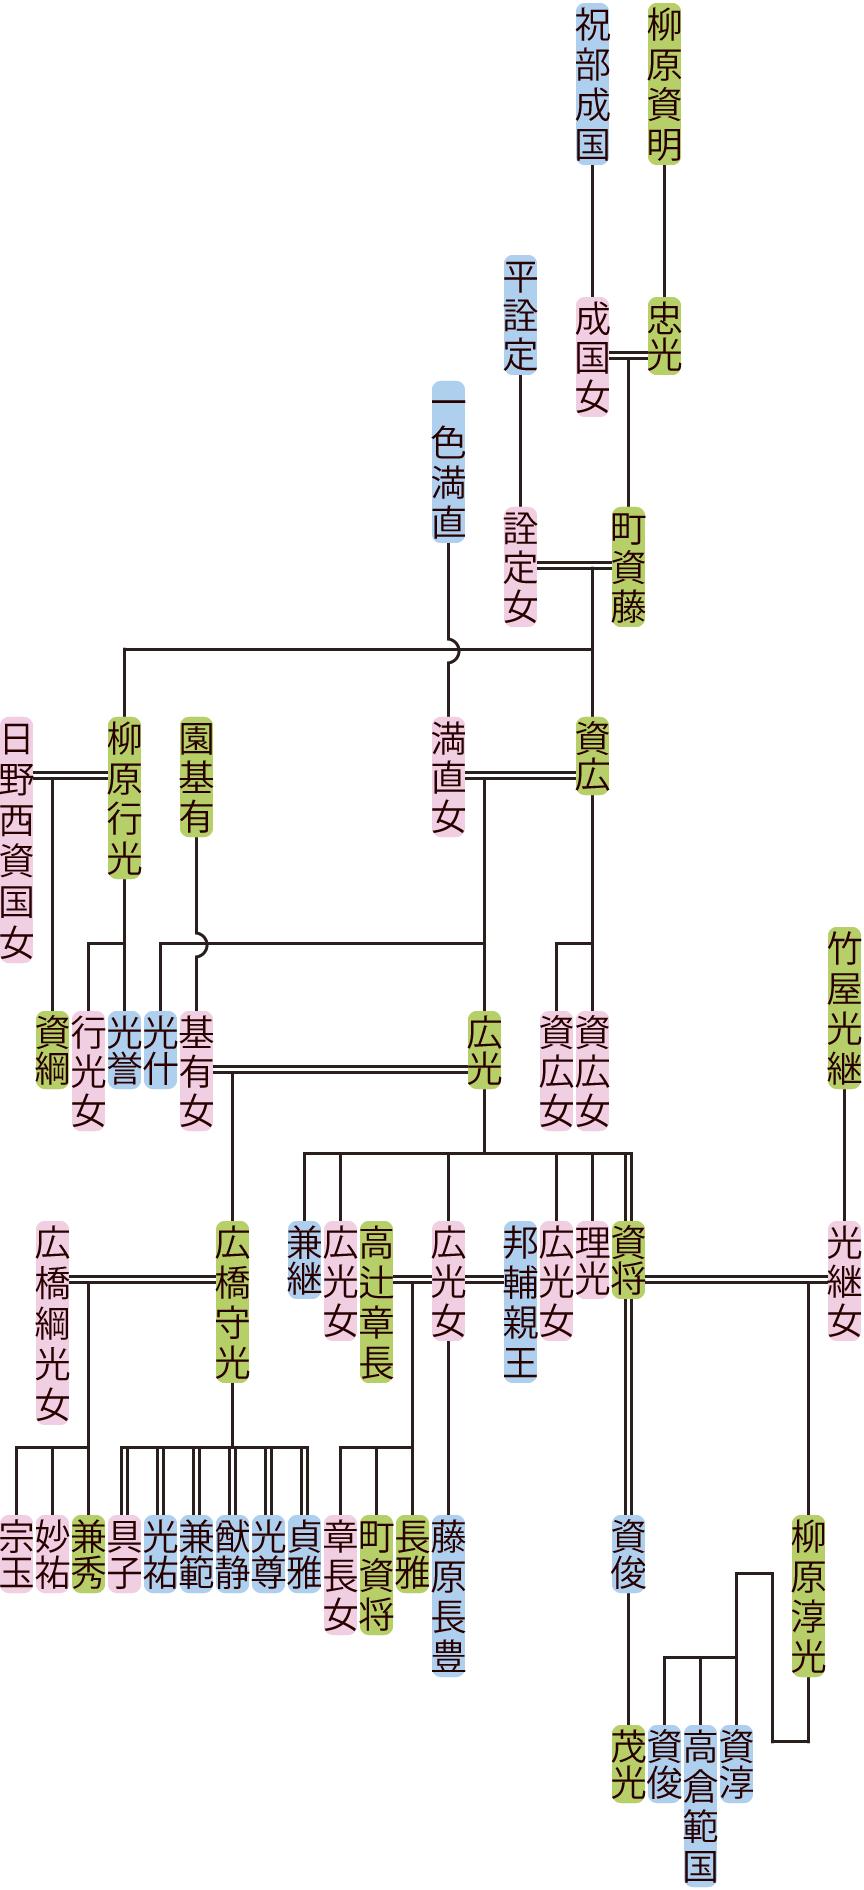 町資藤の系図